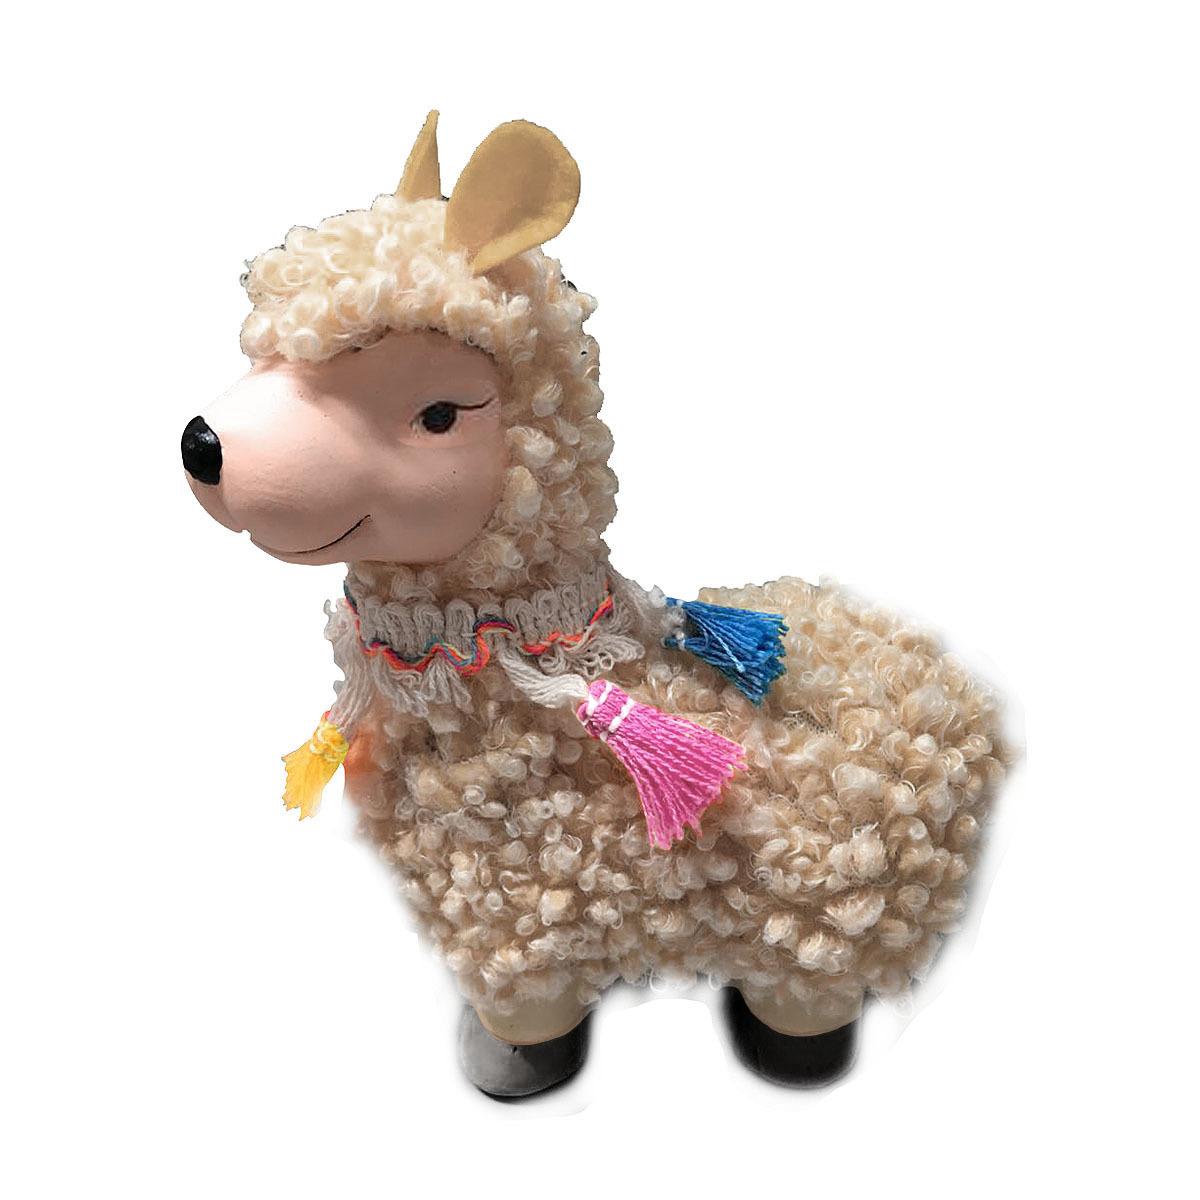 Фигурка декоративная Village People Мечтательная овечка, кремовый, 15 х 12 х 6 см цены онлайн